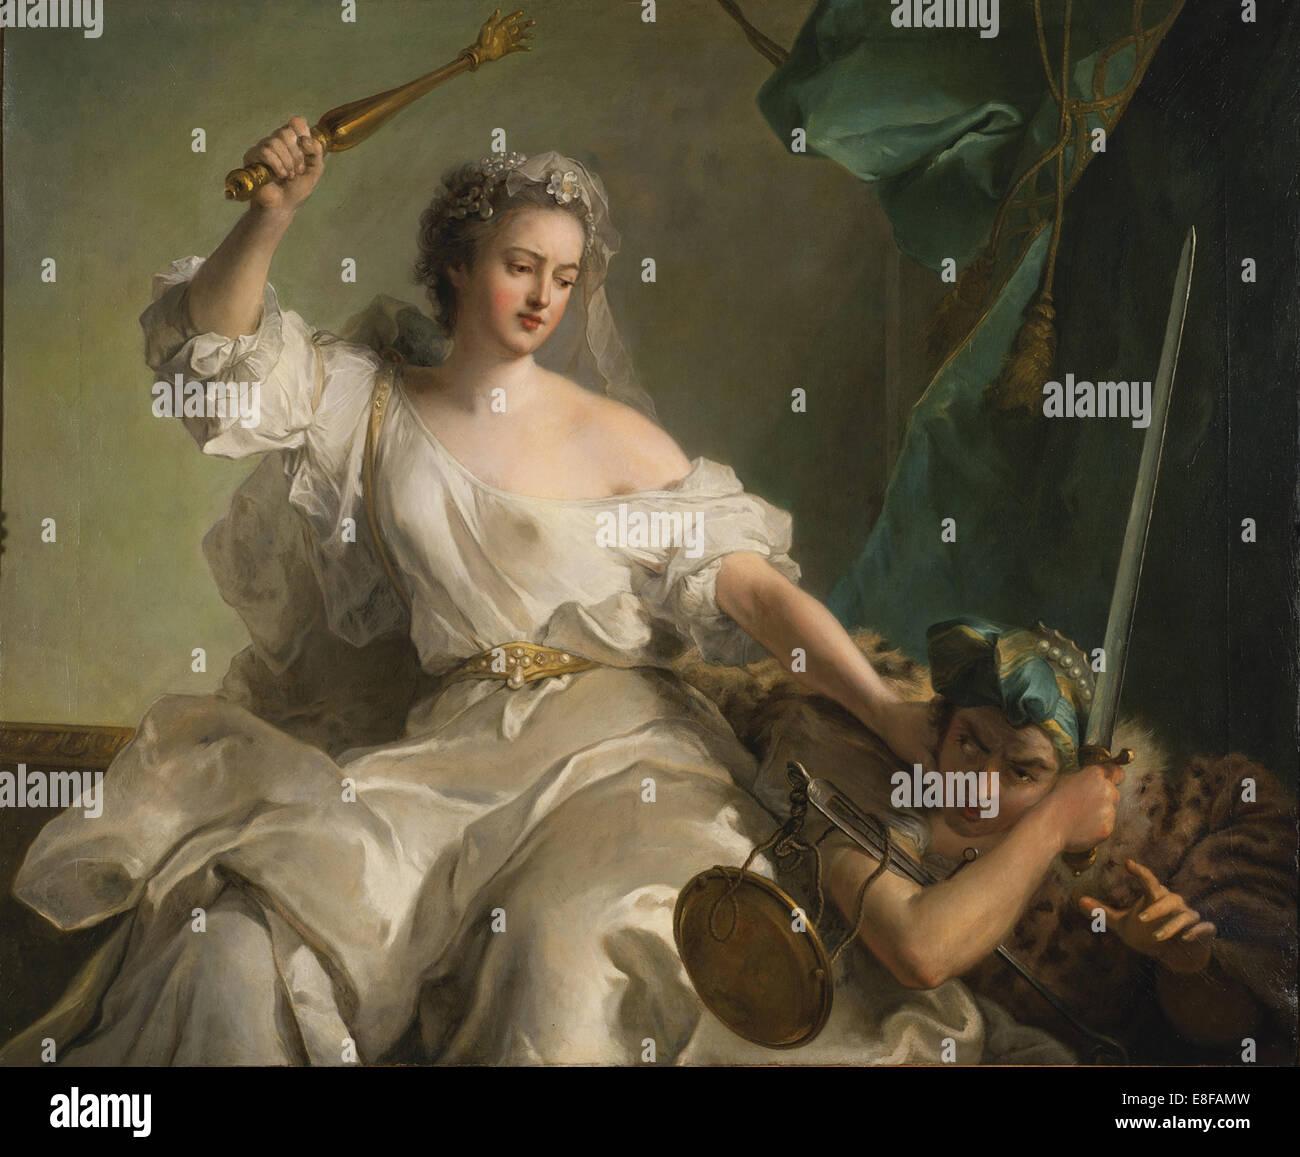 Allegoria della giustizia lotta contro l'ingiustizia. Artista: Nattier, Jean-Marc (1685-1766) Immagini Stock